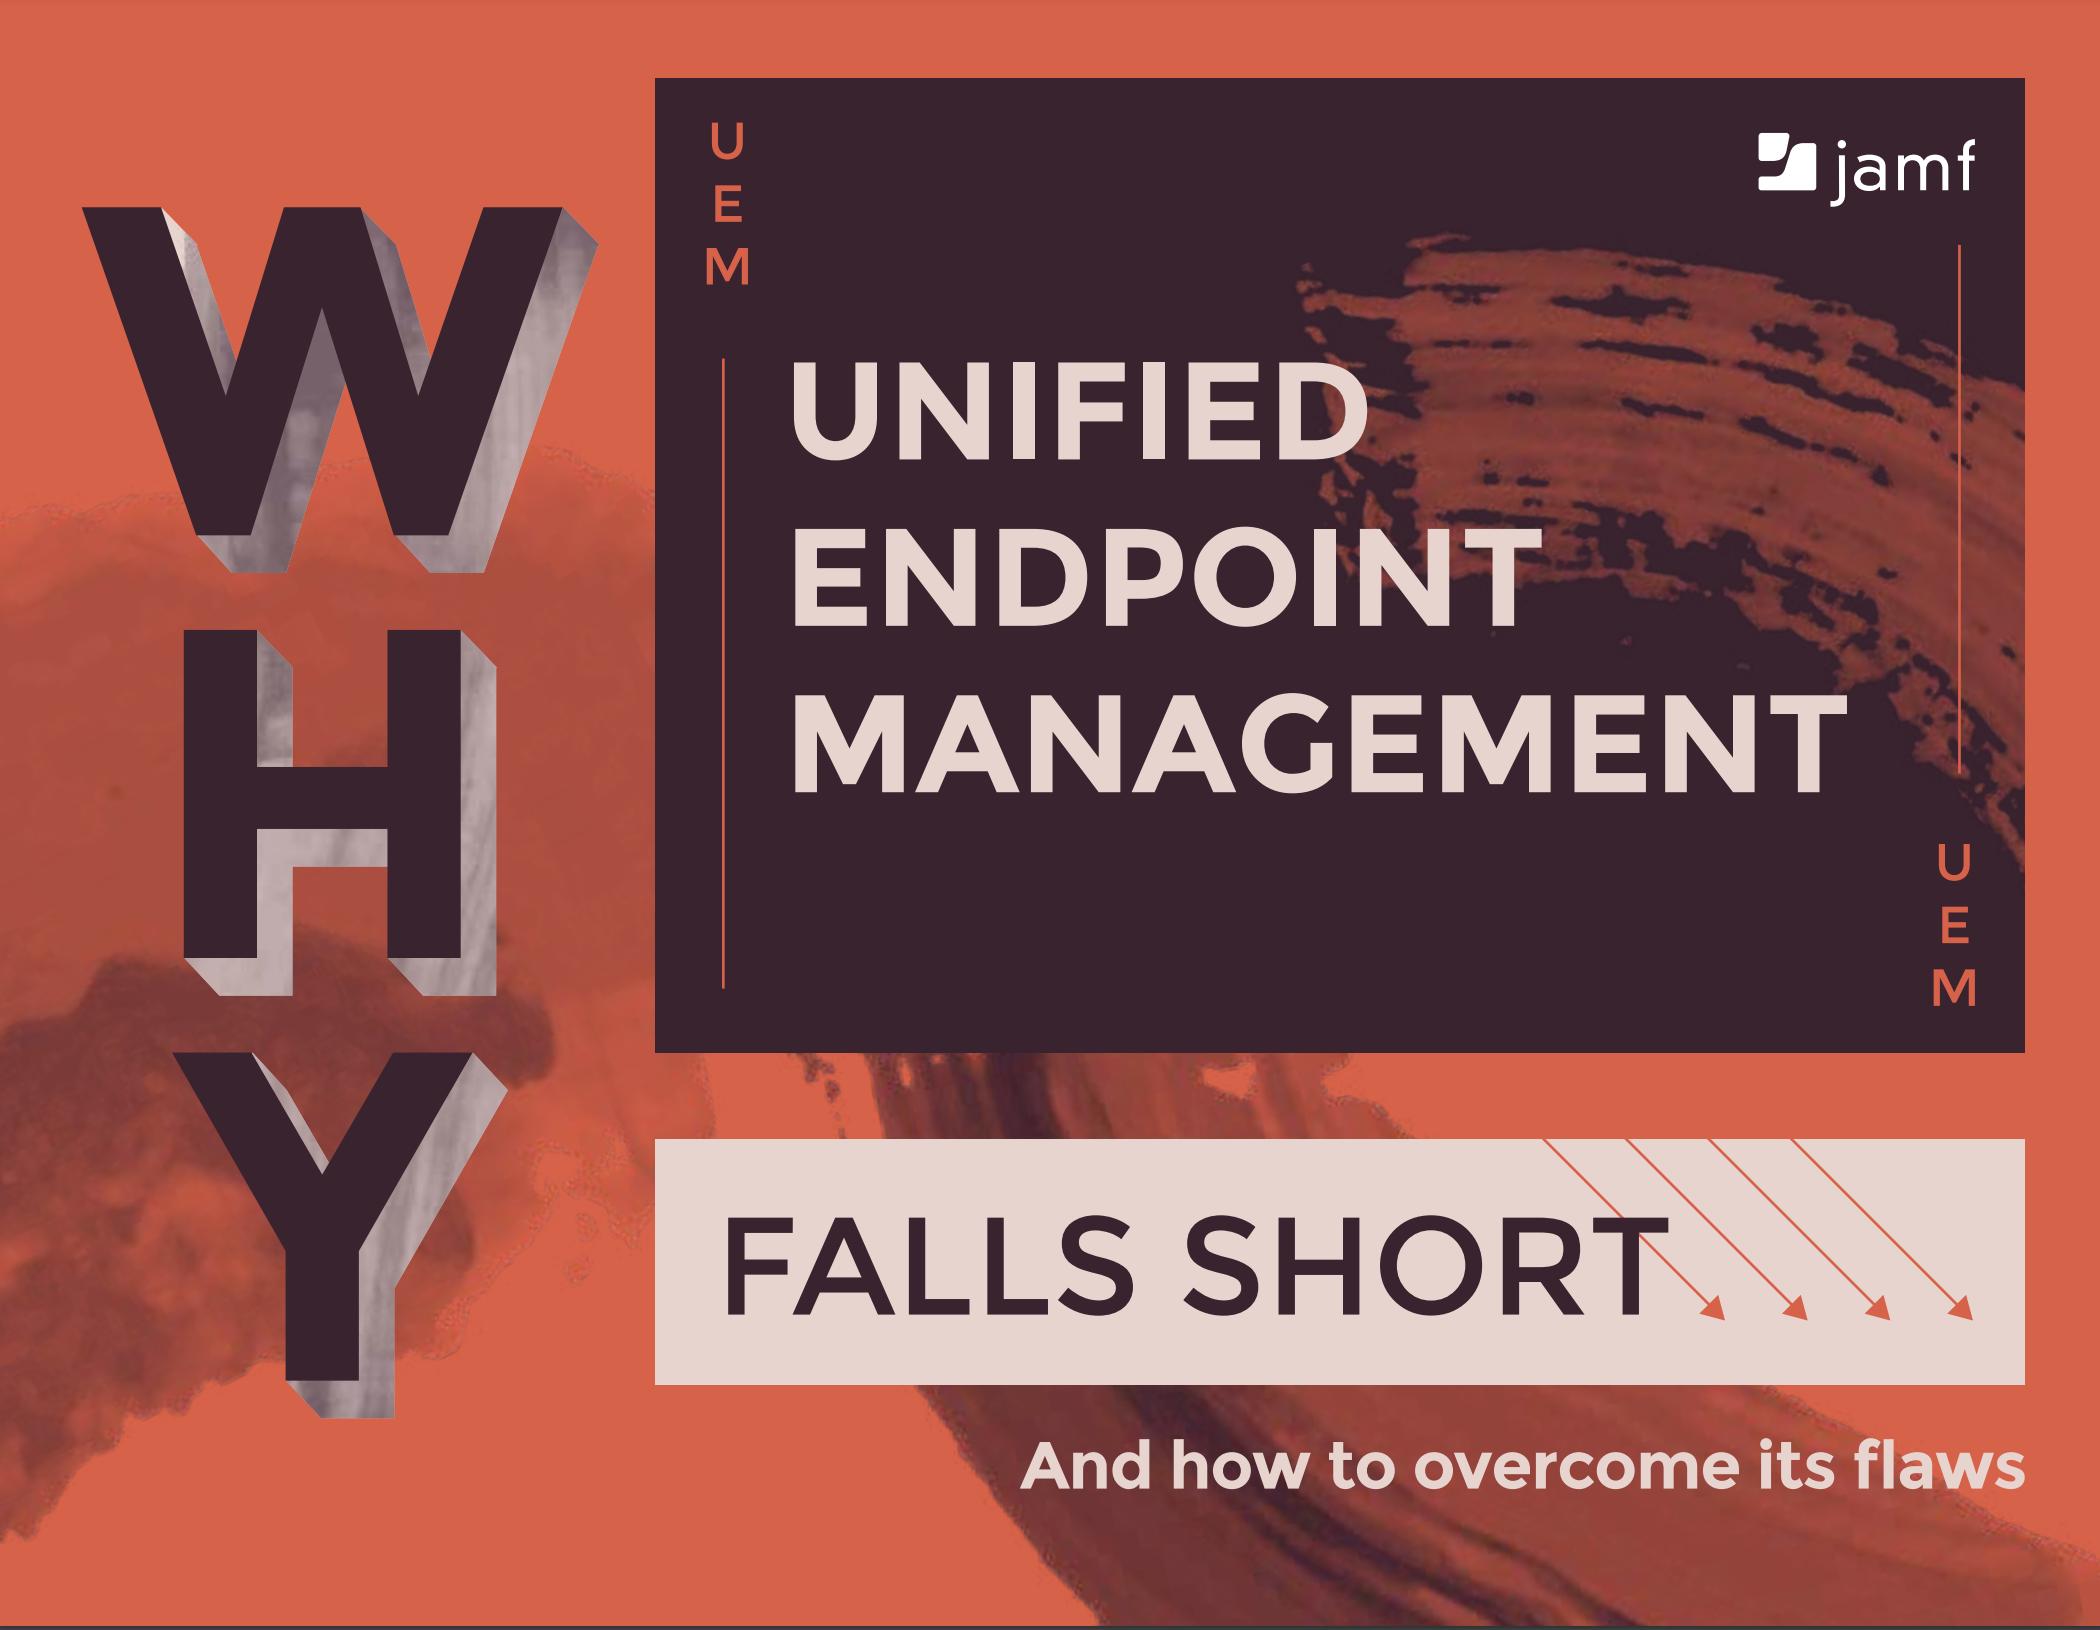 Why UEM falls short